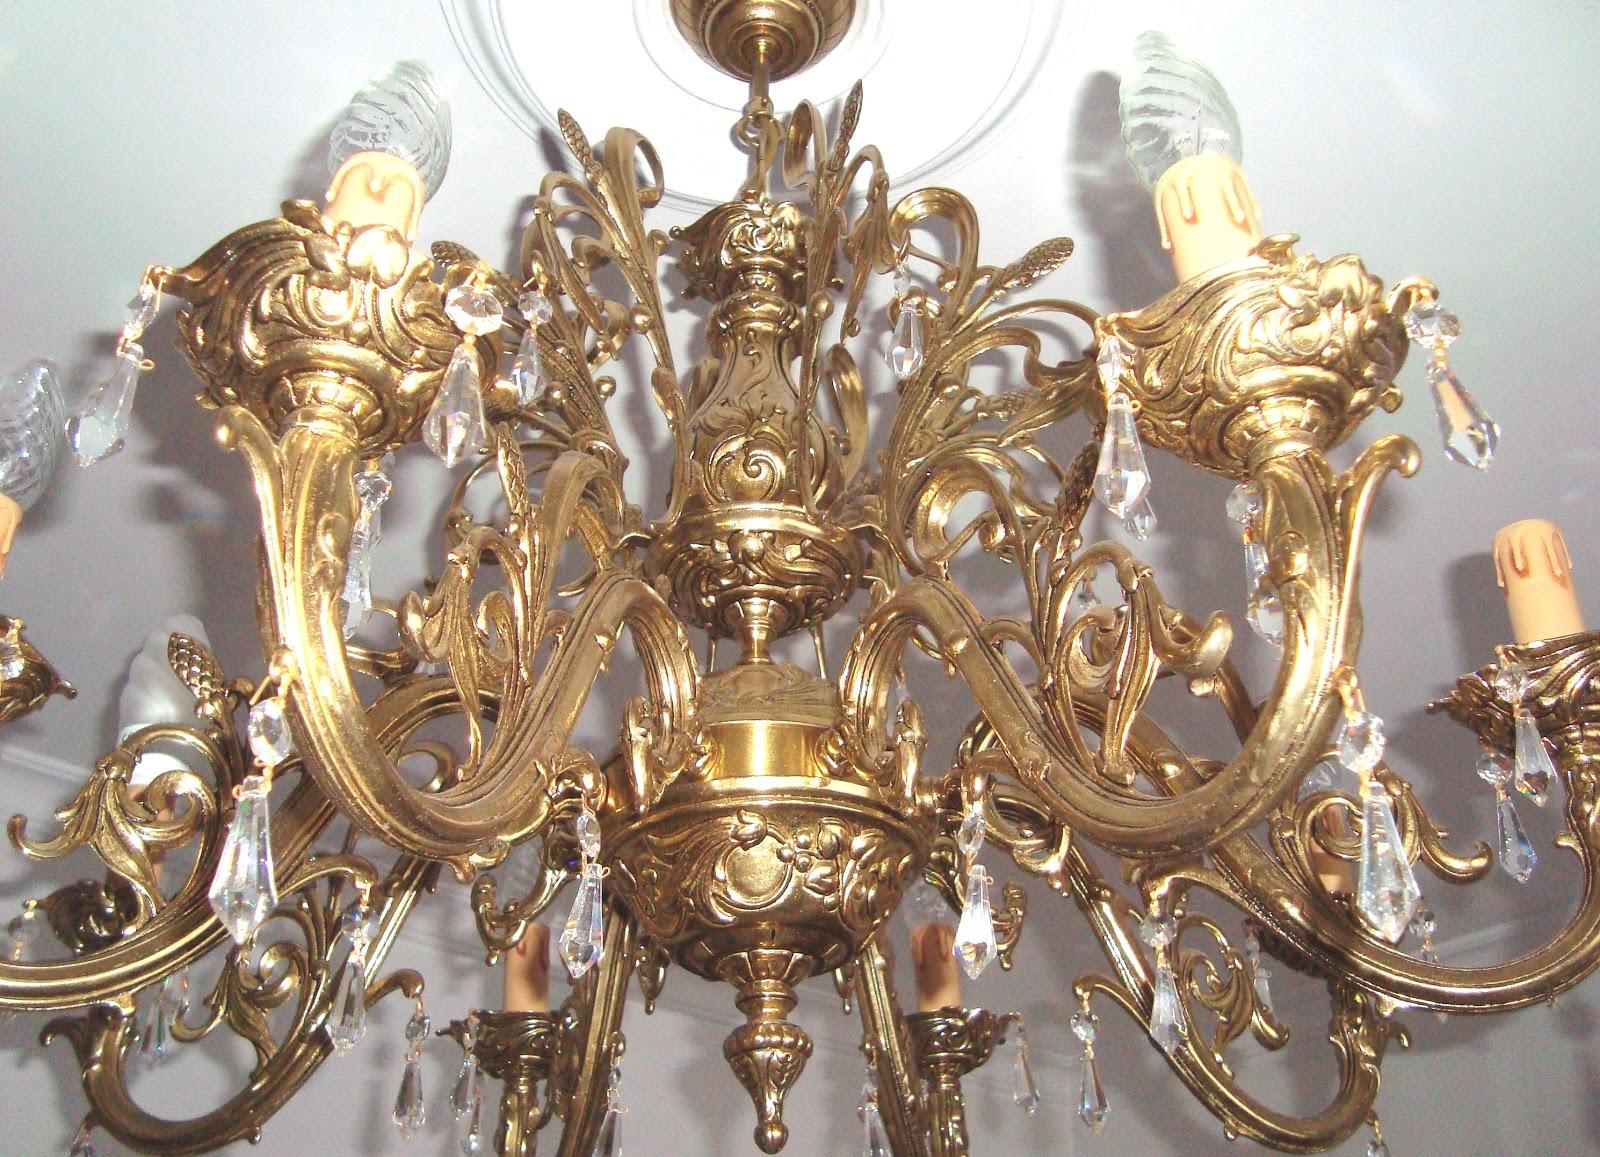 Love a la ltima decoraci n rococo for Decoracion rococo